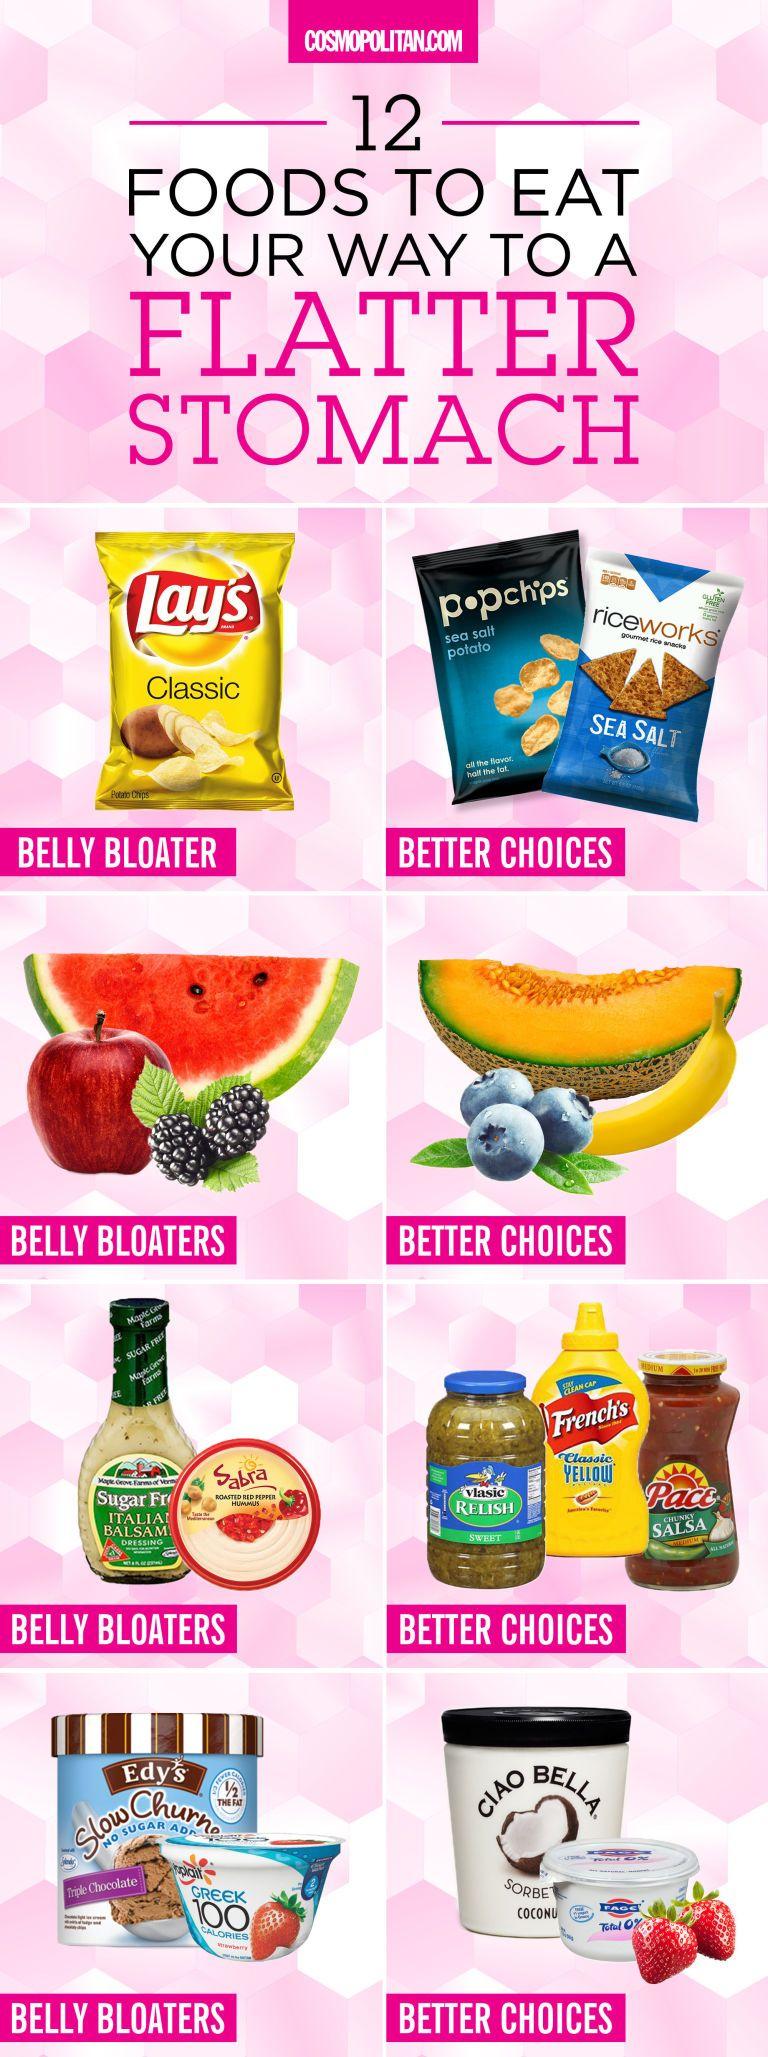 Beste Lebensmittel für den Gewichtsverlust im Magen zu essen